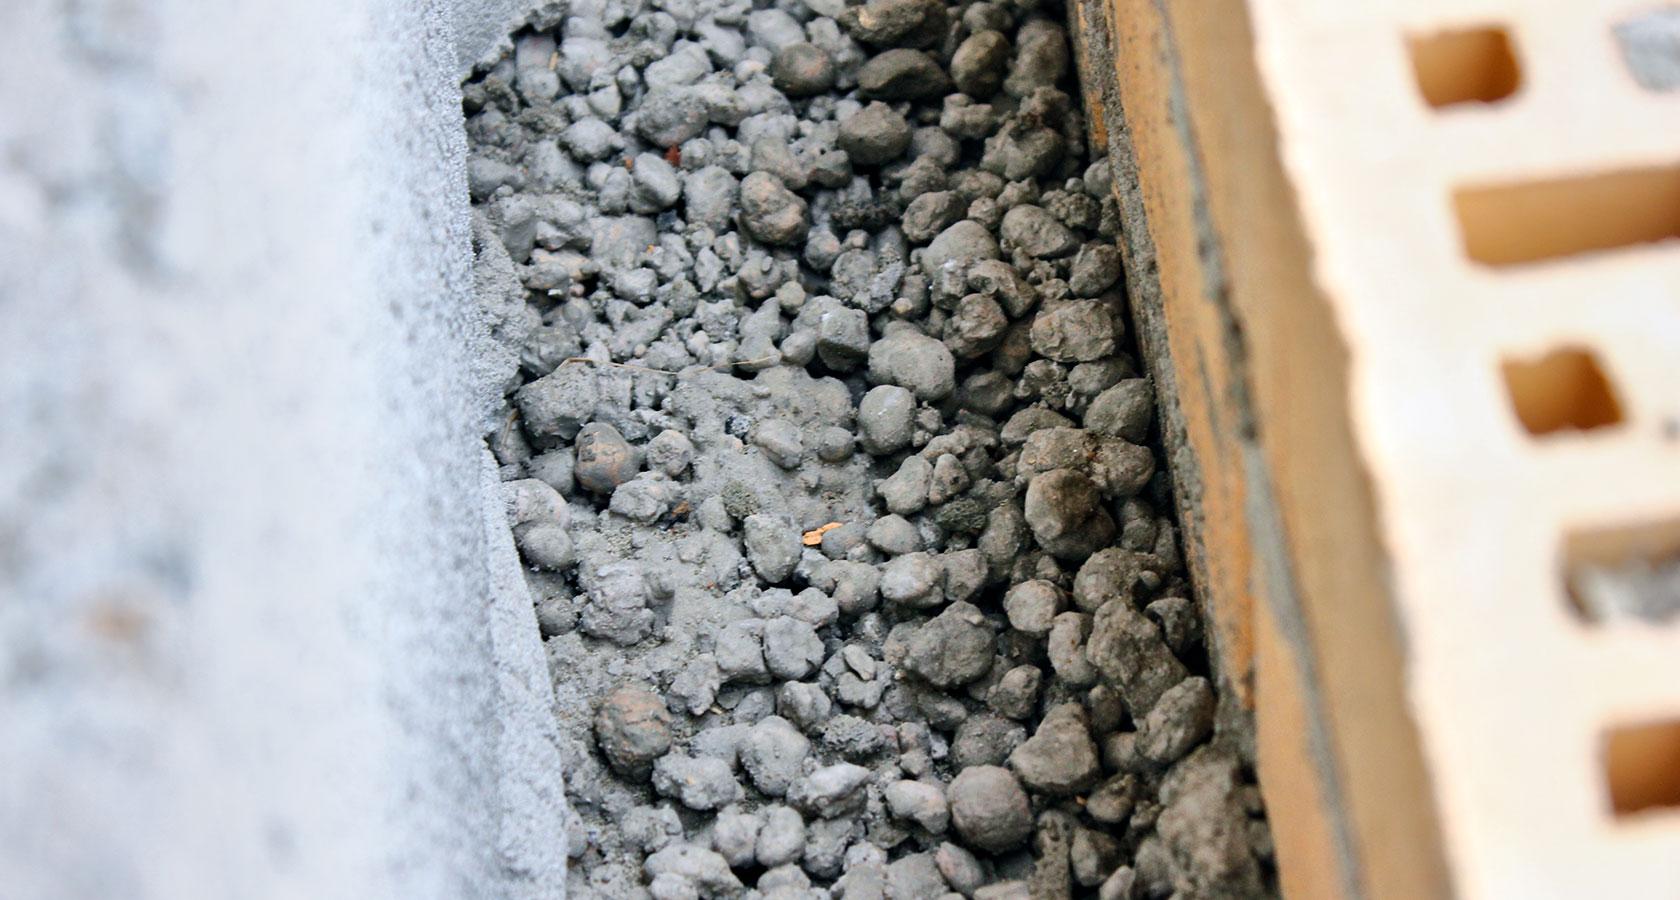 Заливка пола керамзитобетоном руками приготовление цементного раствора марки 100